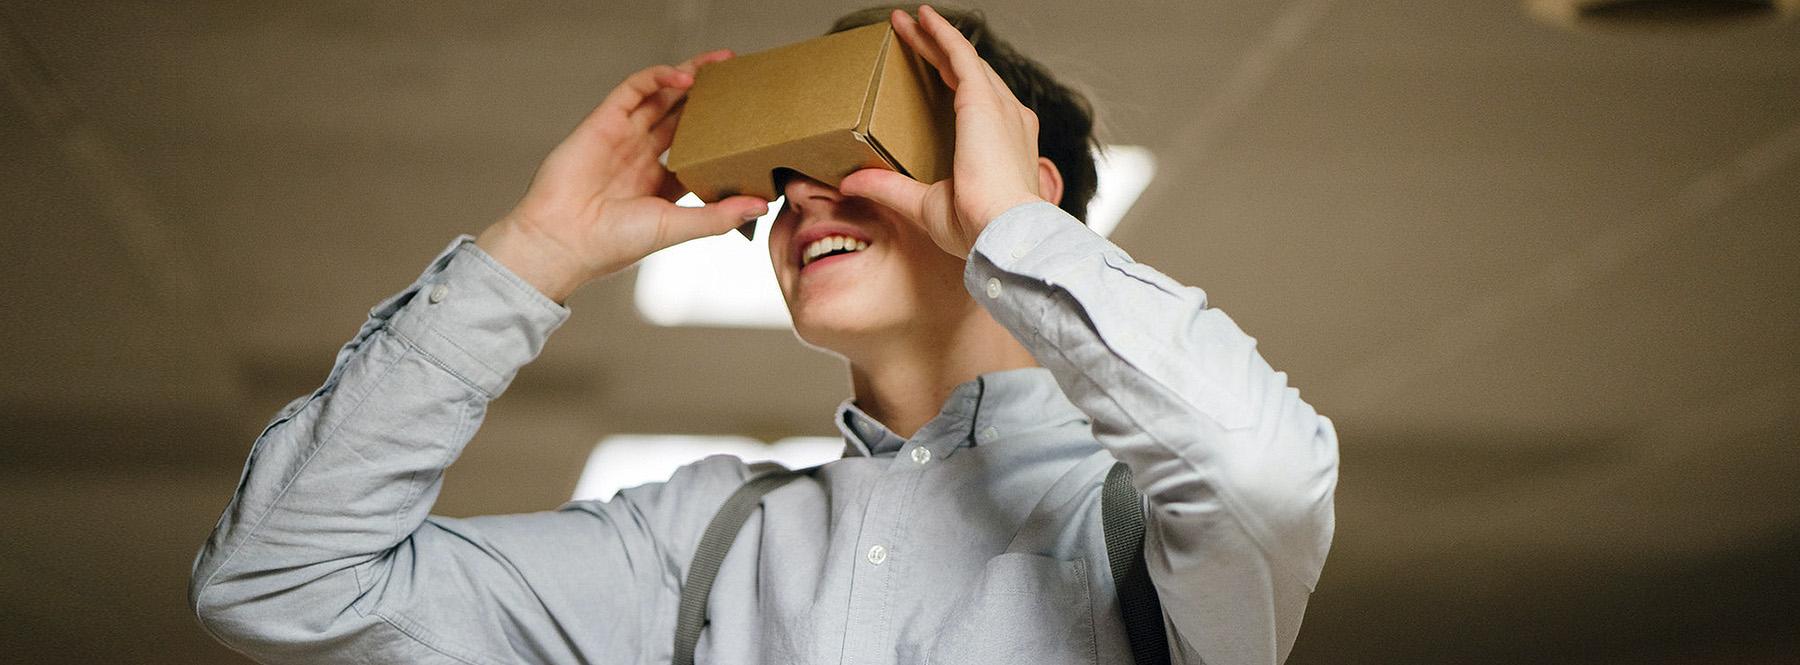 Realidad virtual para ayudar a los momentos de espera a las personas que sufren TEA